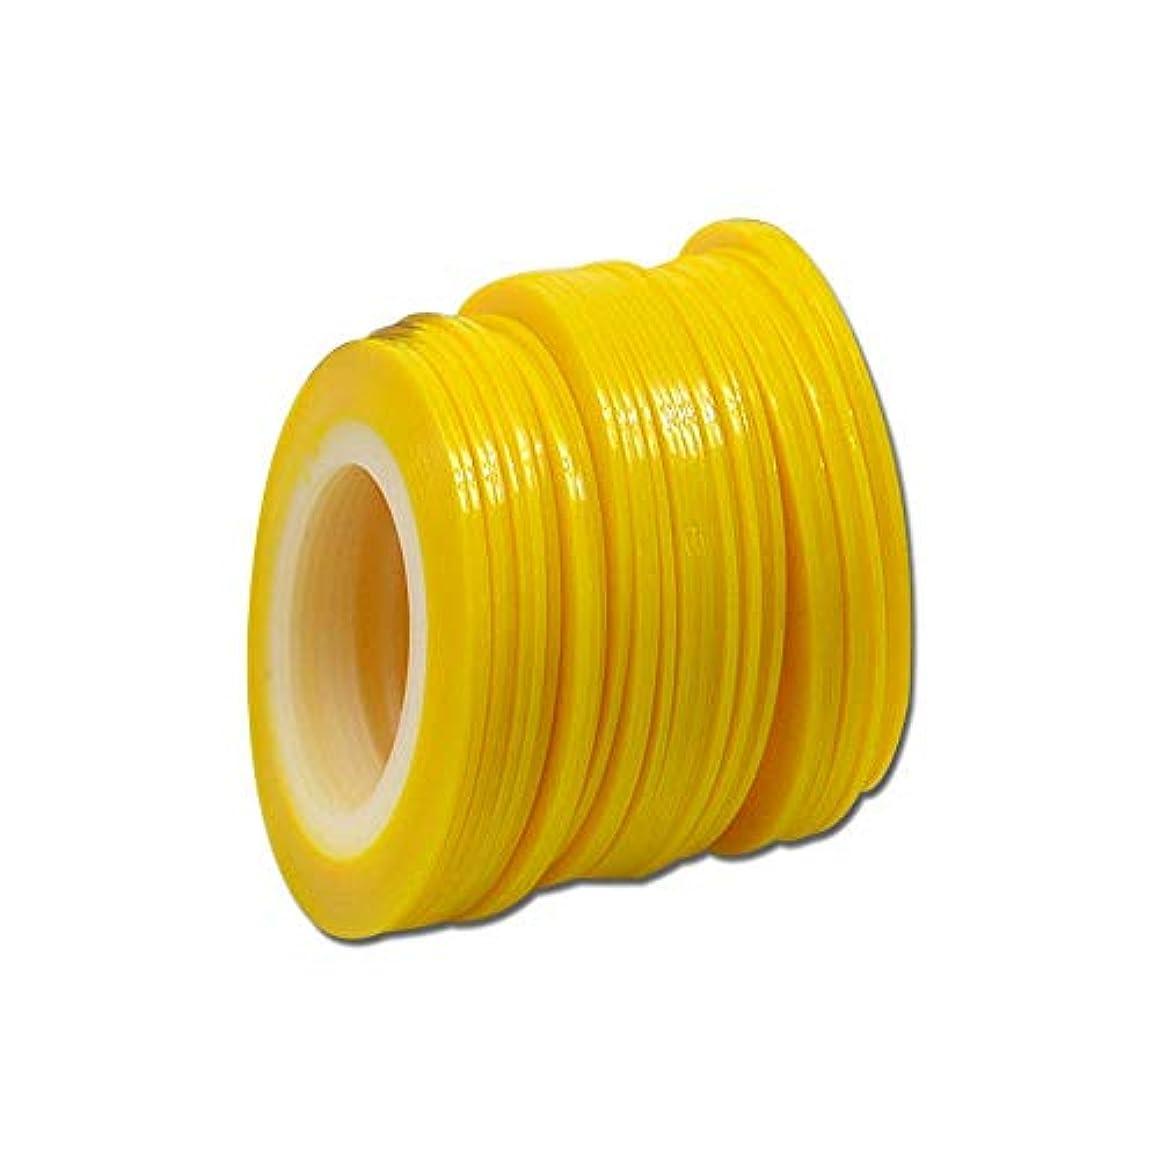 ファウル自治きれいにSUKTI&XIAO ネイルステッカー 100個1ミリメートル色蛍光ストライプライン美容のヒントネイルステッカーネイルアートロールストライピング、黄色